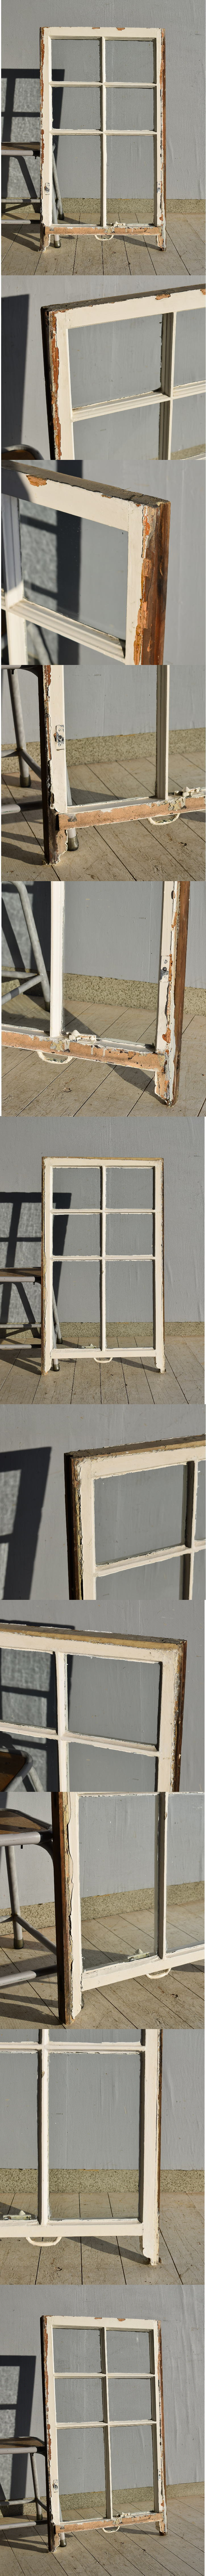 イギリス アンティーク 木製窓 ディスプレイ 建具 7569